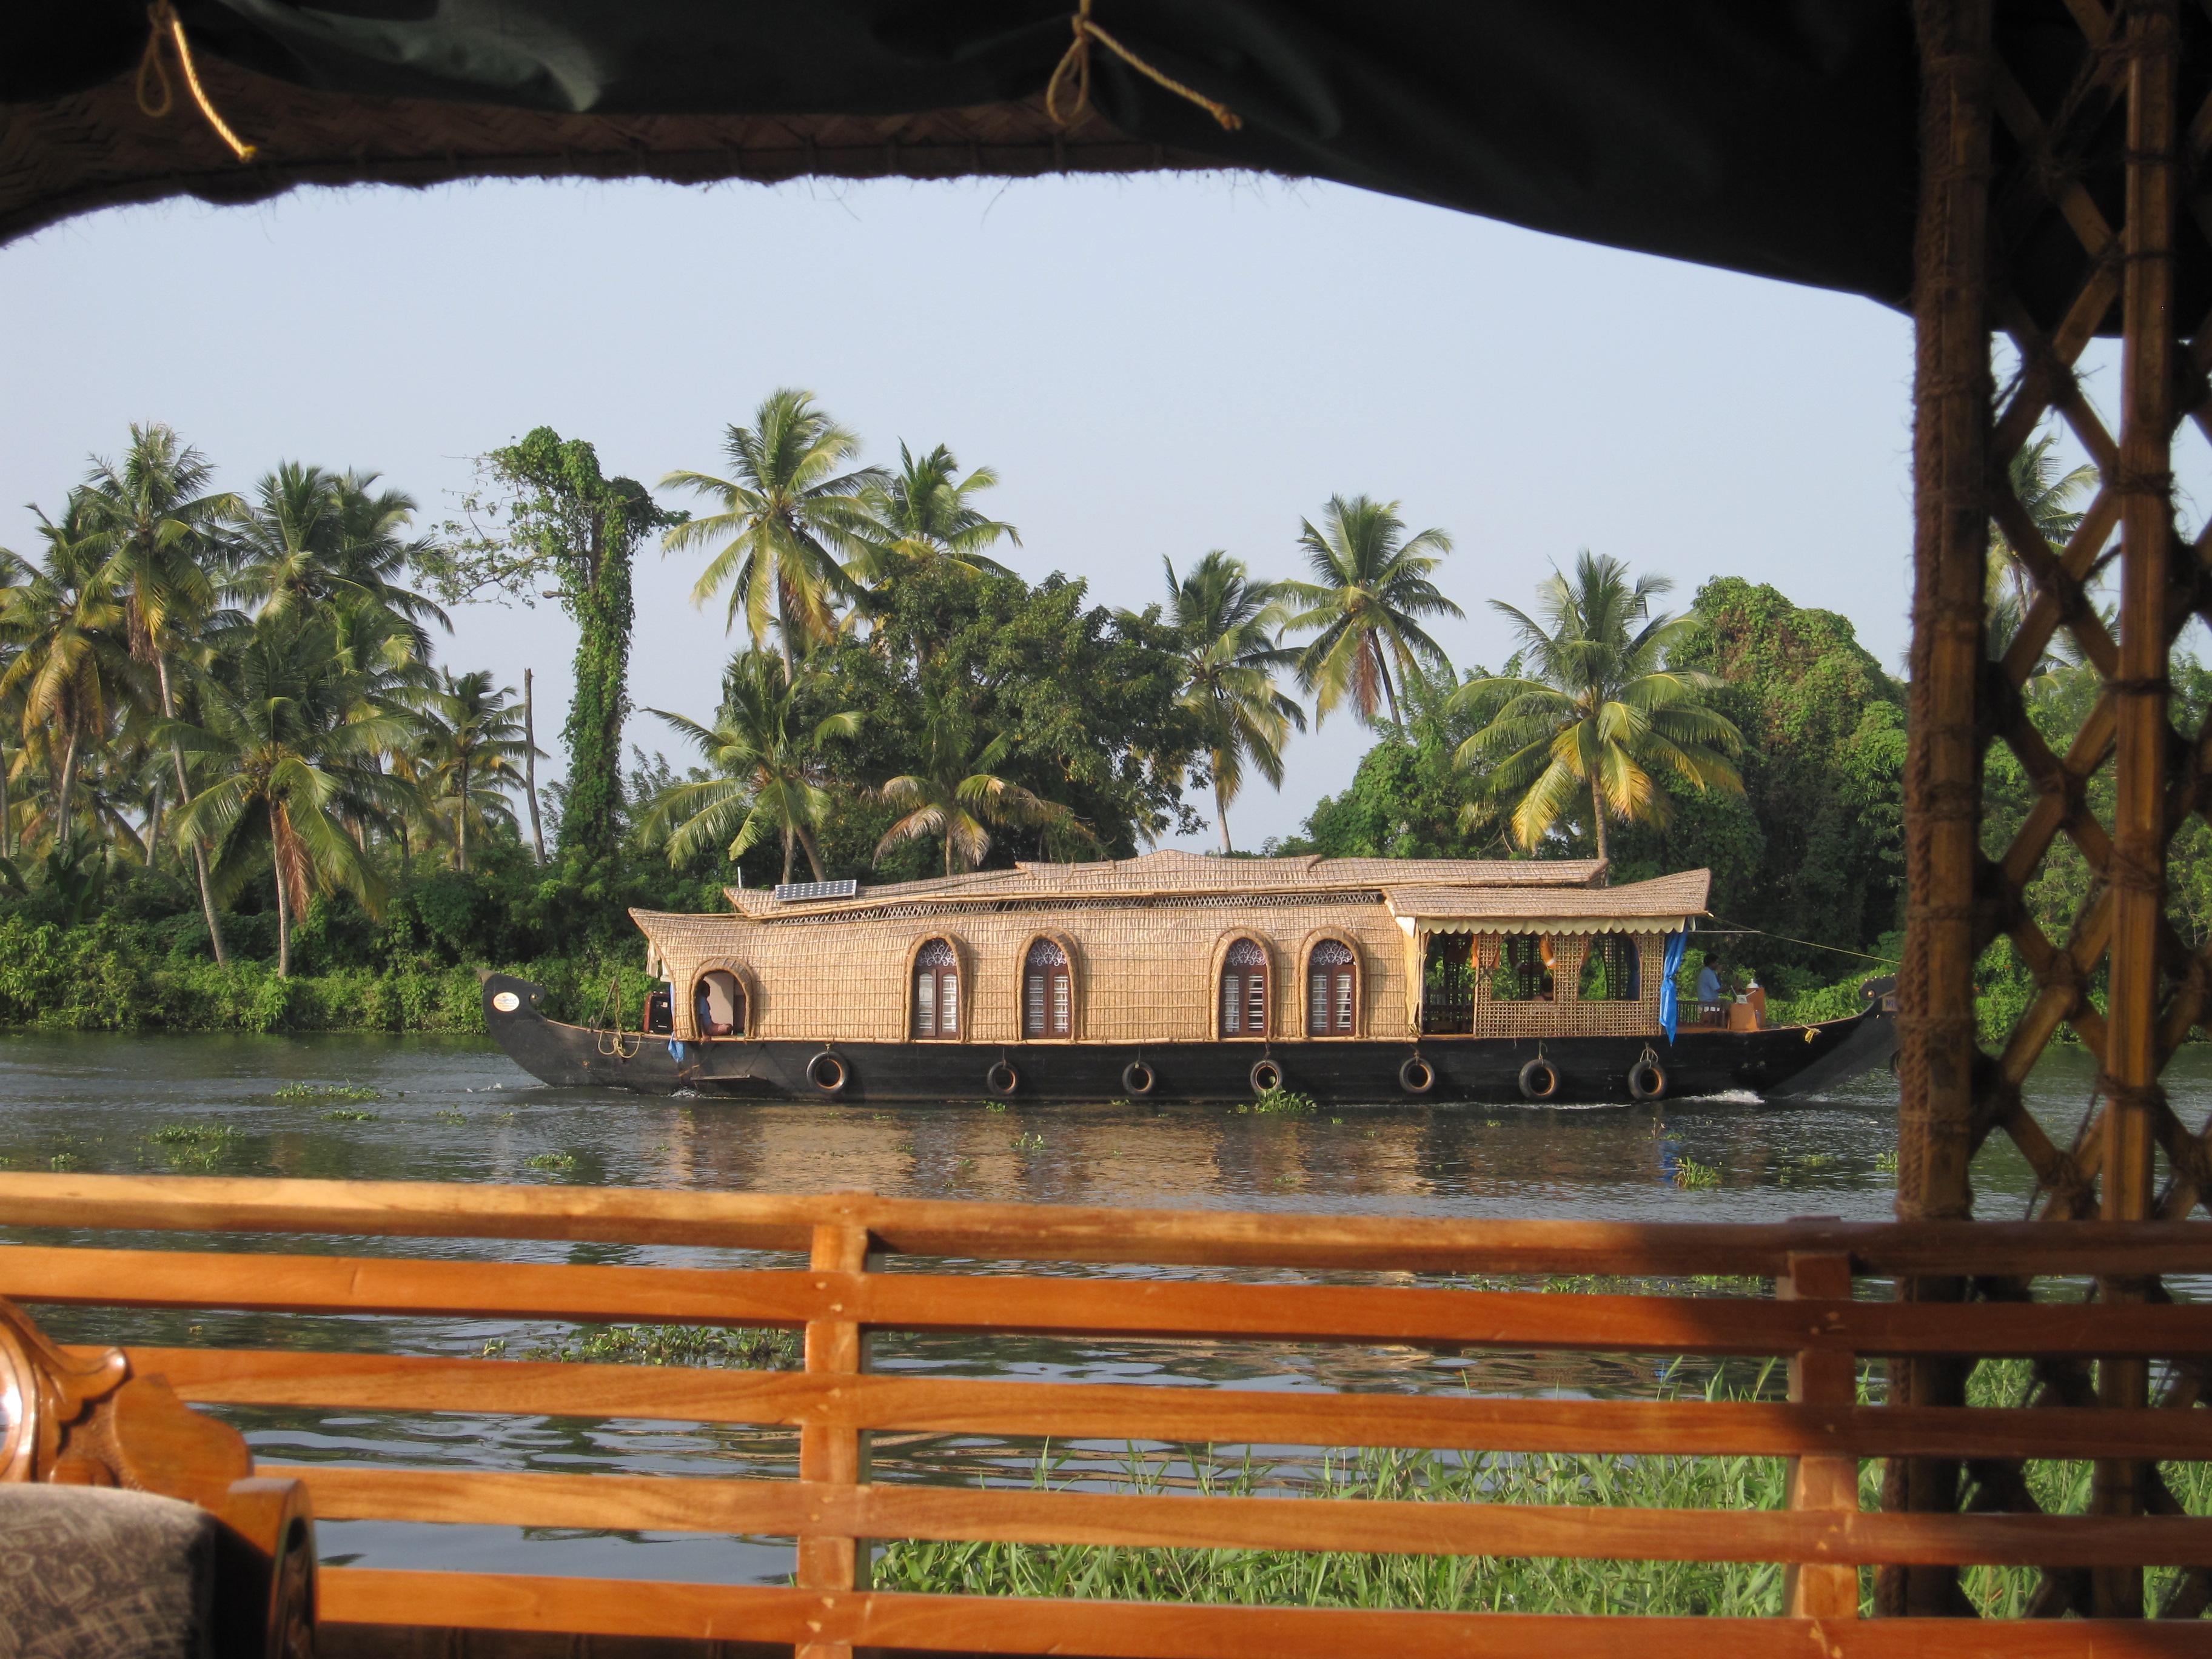 Houseboats along the backwaters